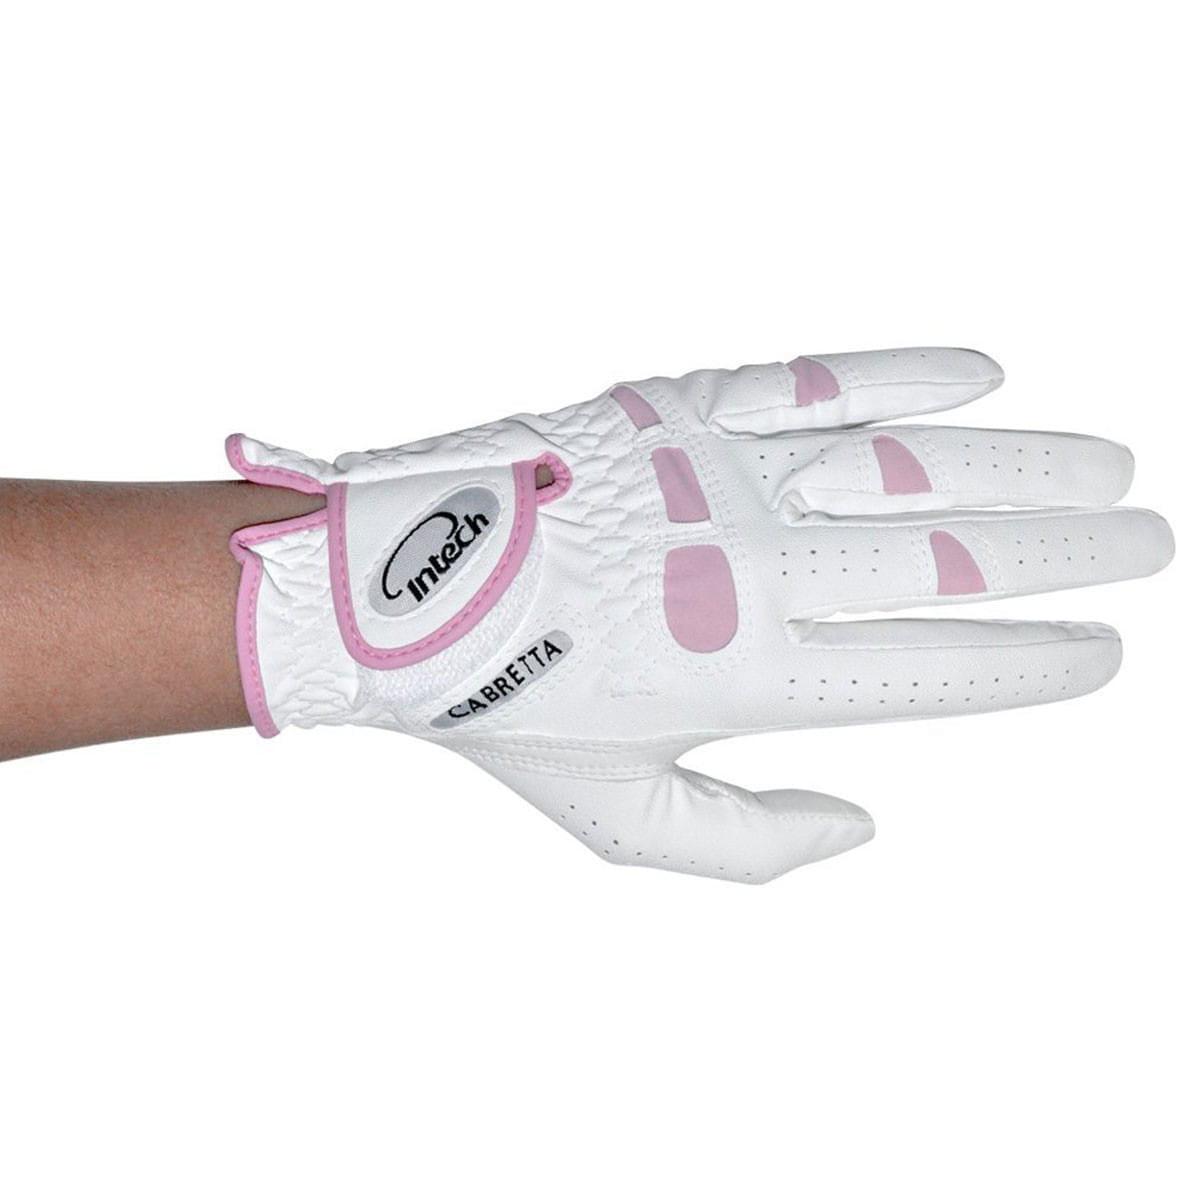 Intech Cabretta Golf Glove Women's RH Large by Intech